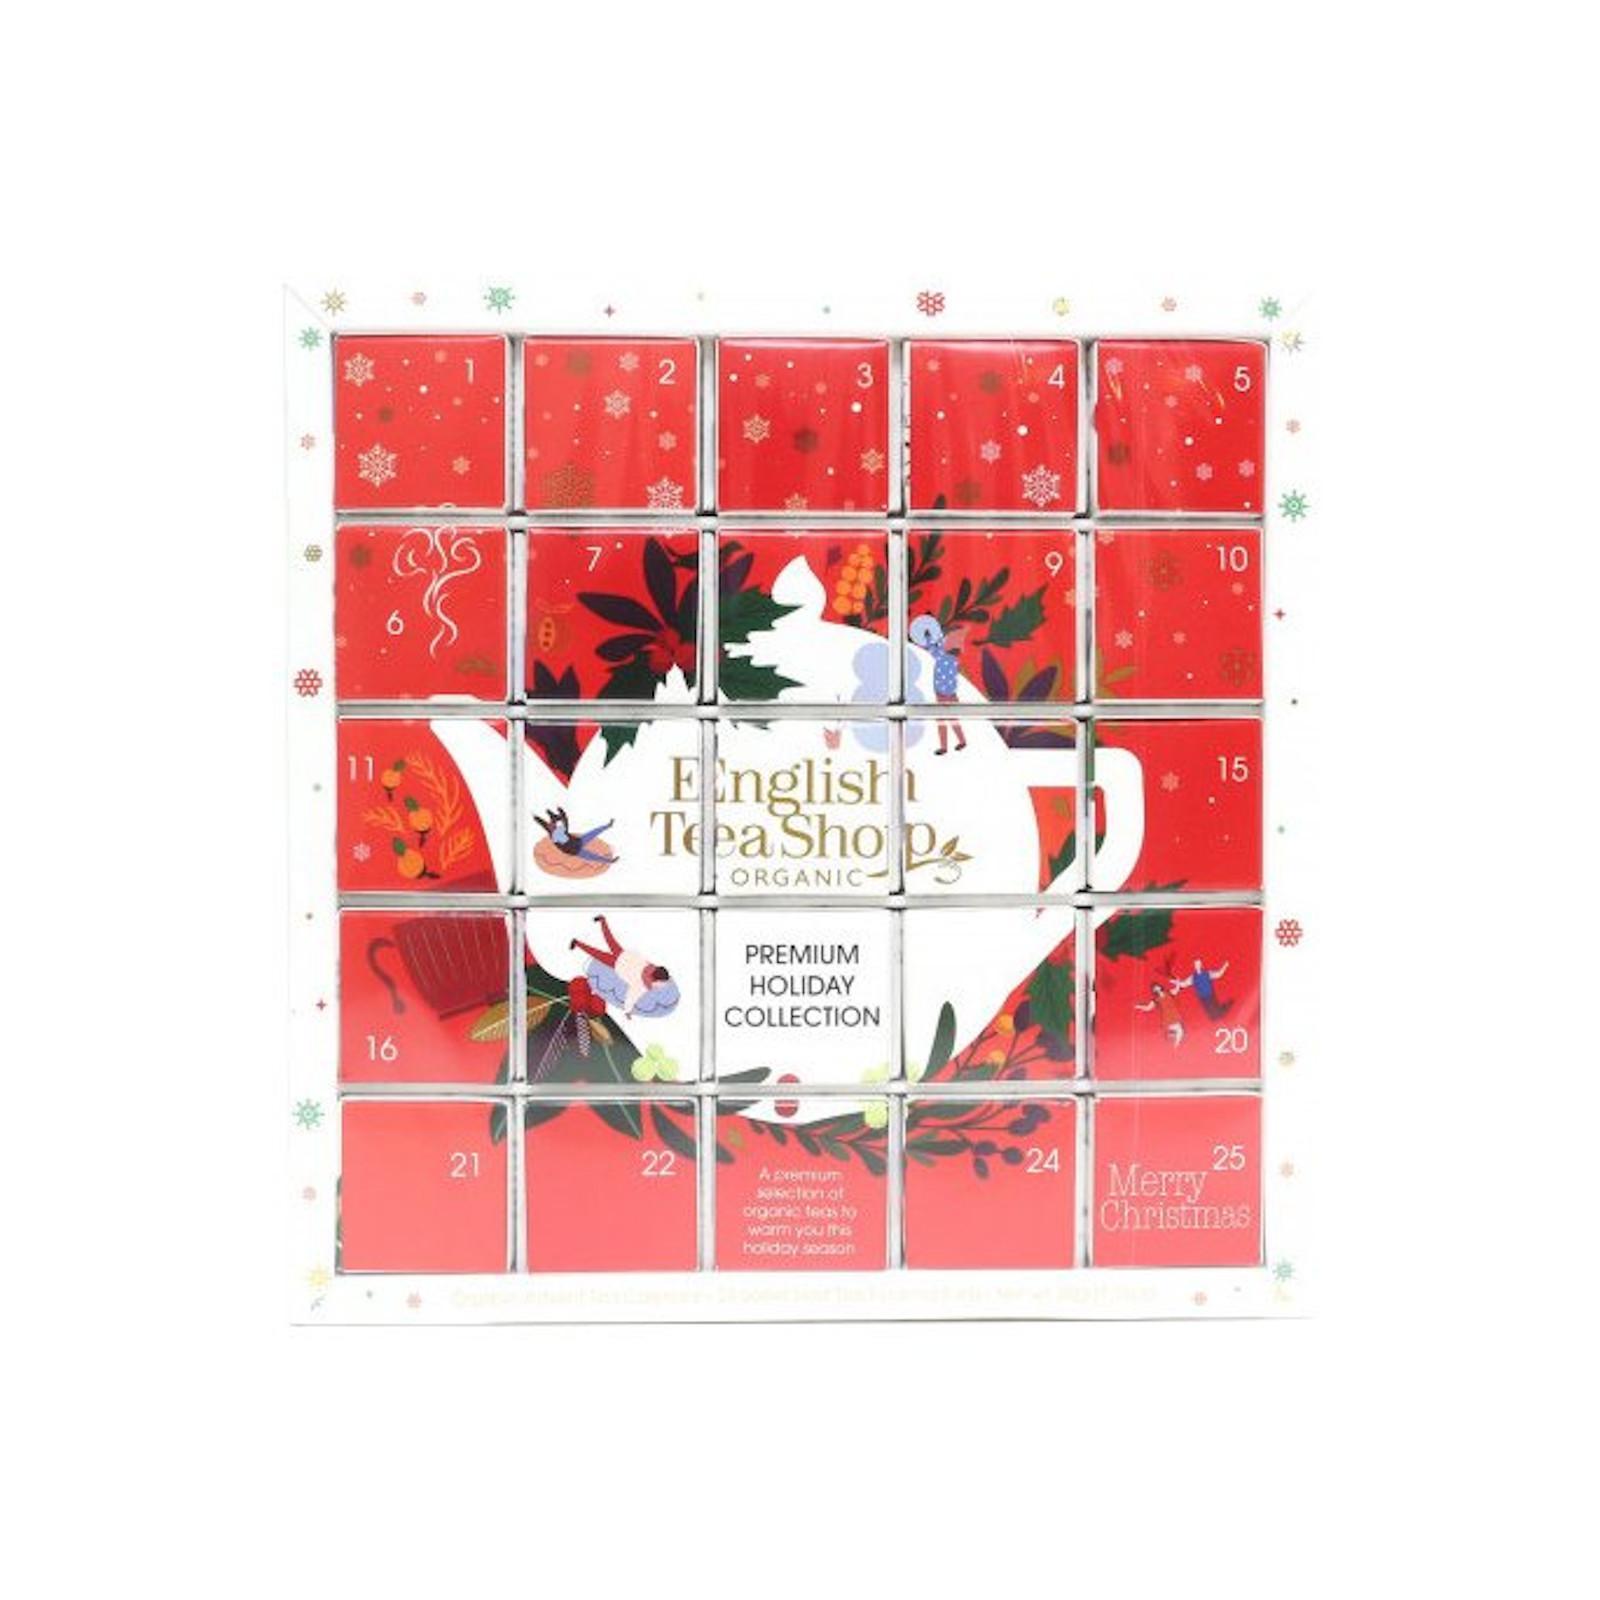 English Tea Shop Červený adventní kalendář Puzzle 25 ks